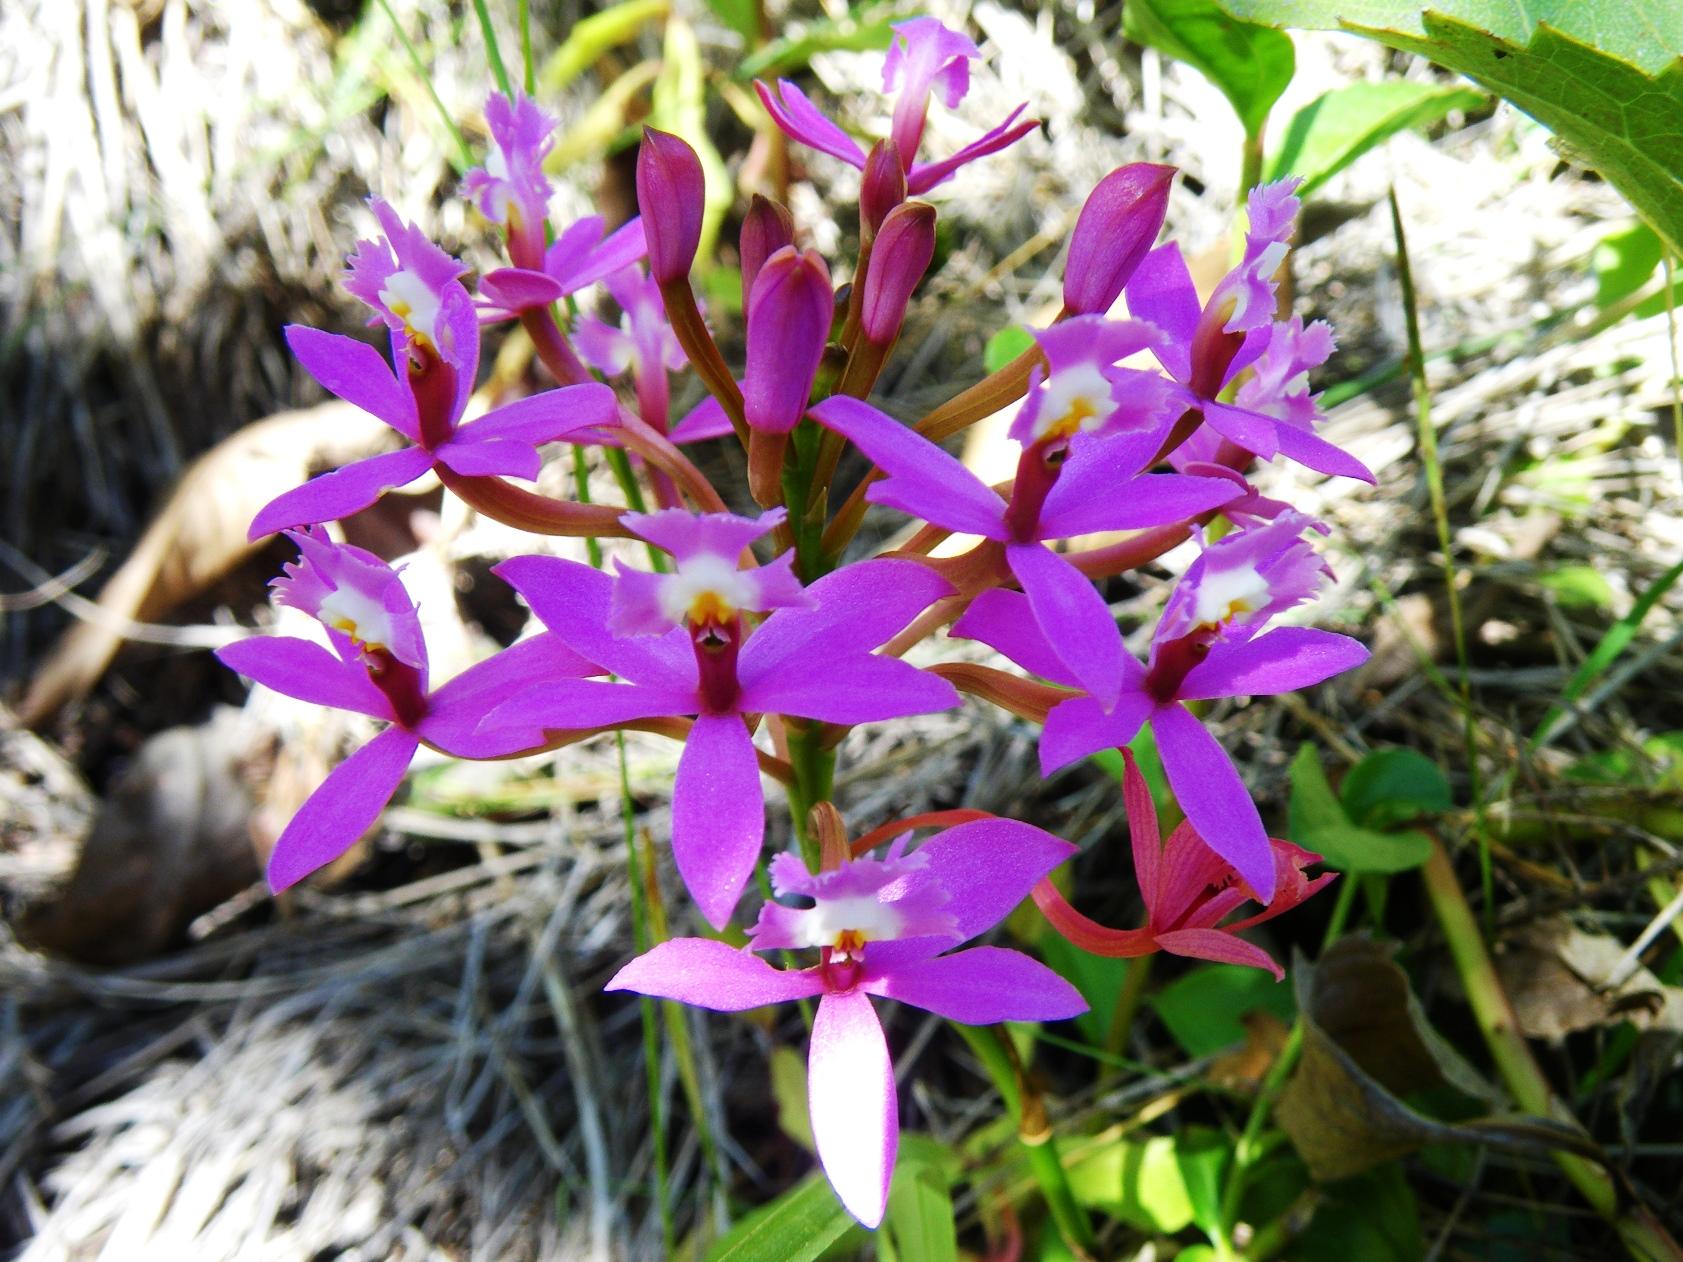 永遠の命の意味を持つウイニャワイニャの花